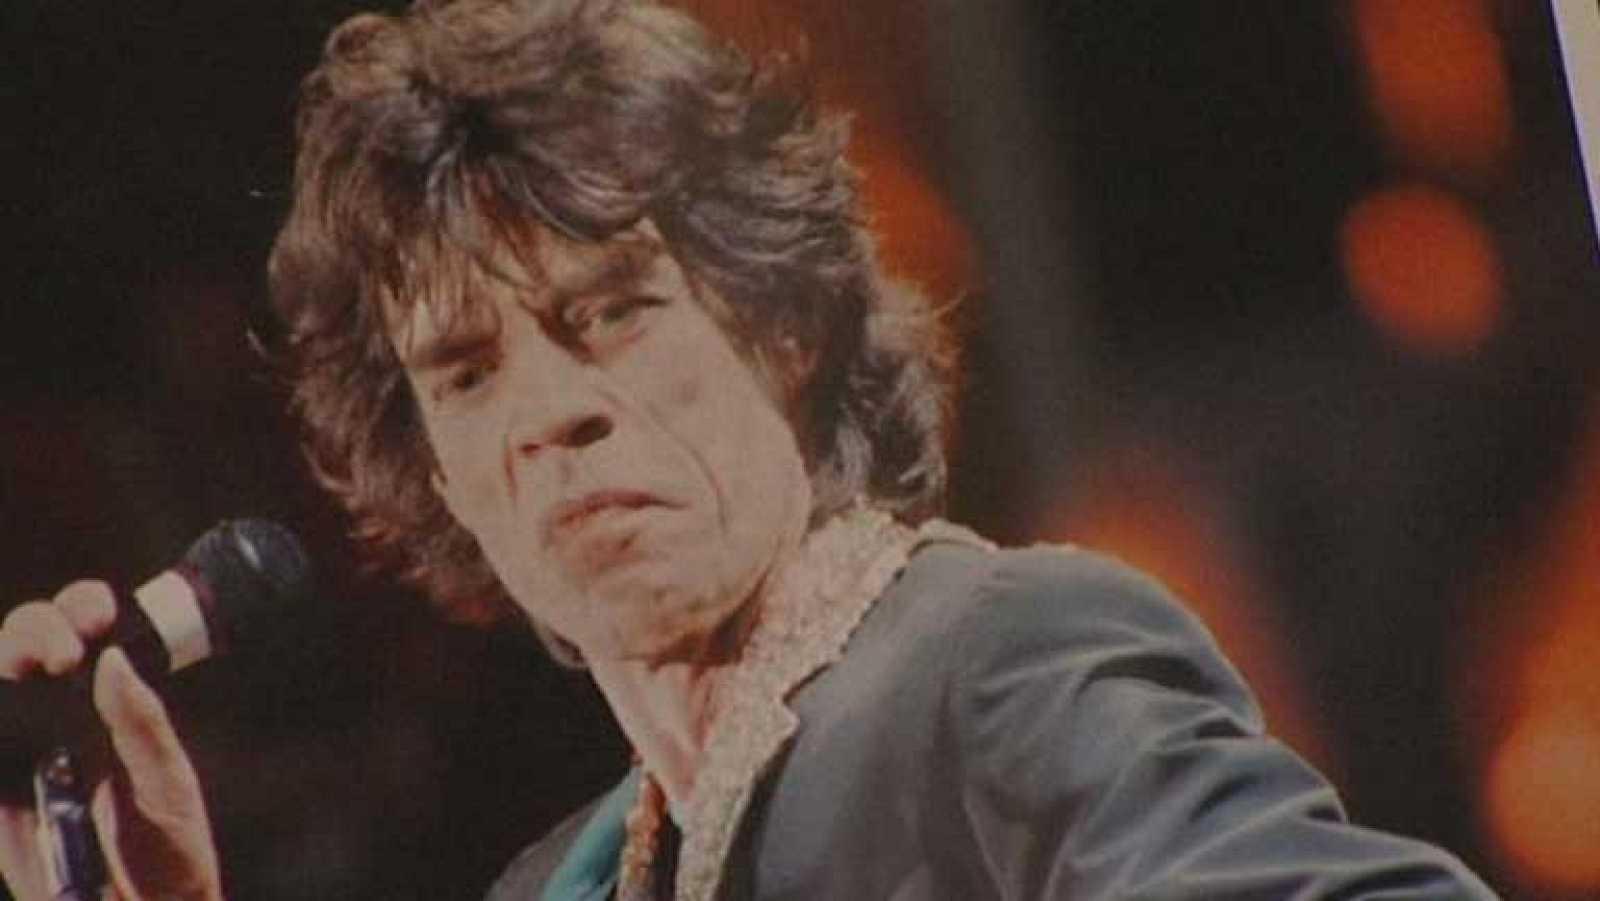 Los Rolling Stones publican en noviembre un nuevo álbum con dos temas inéditos